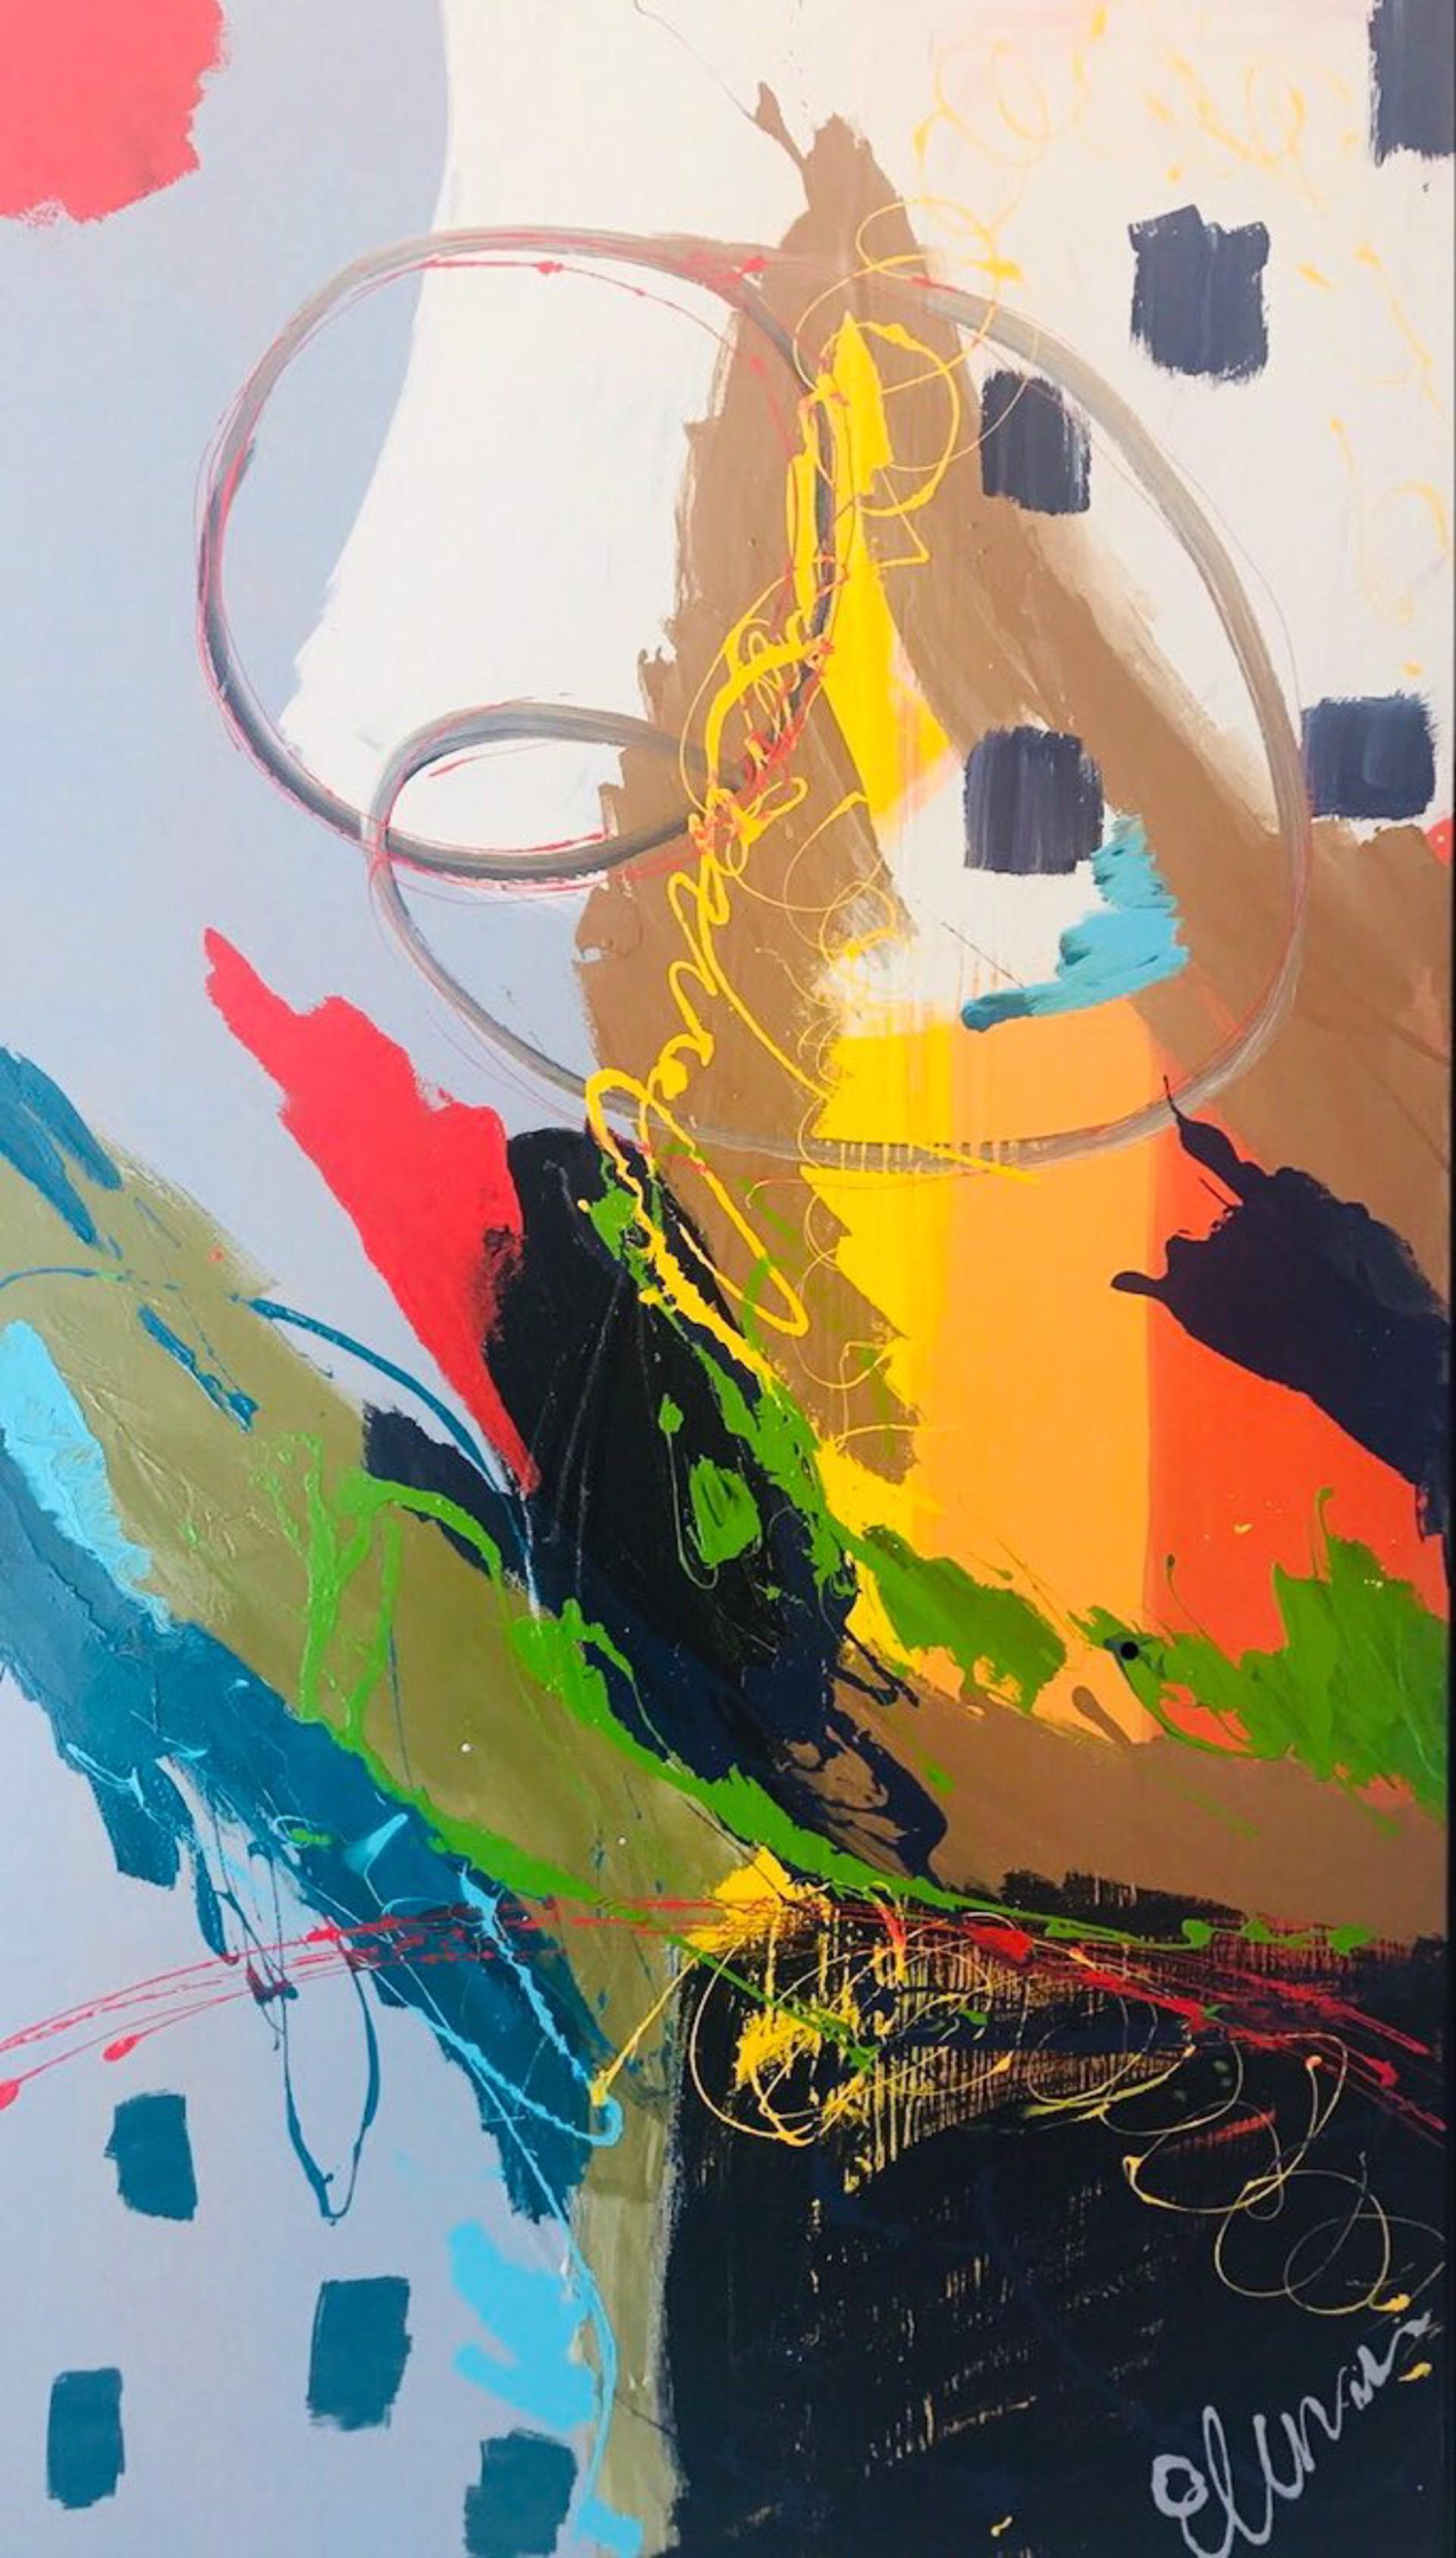 Abstract 2 by Elena Bulatova